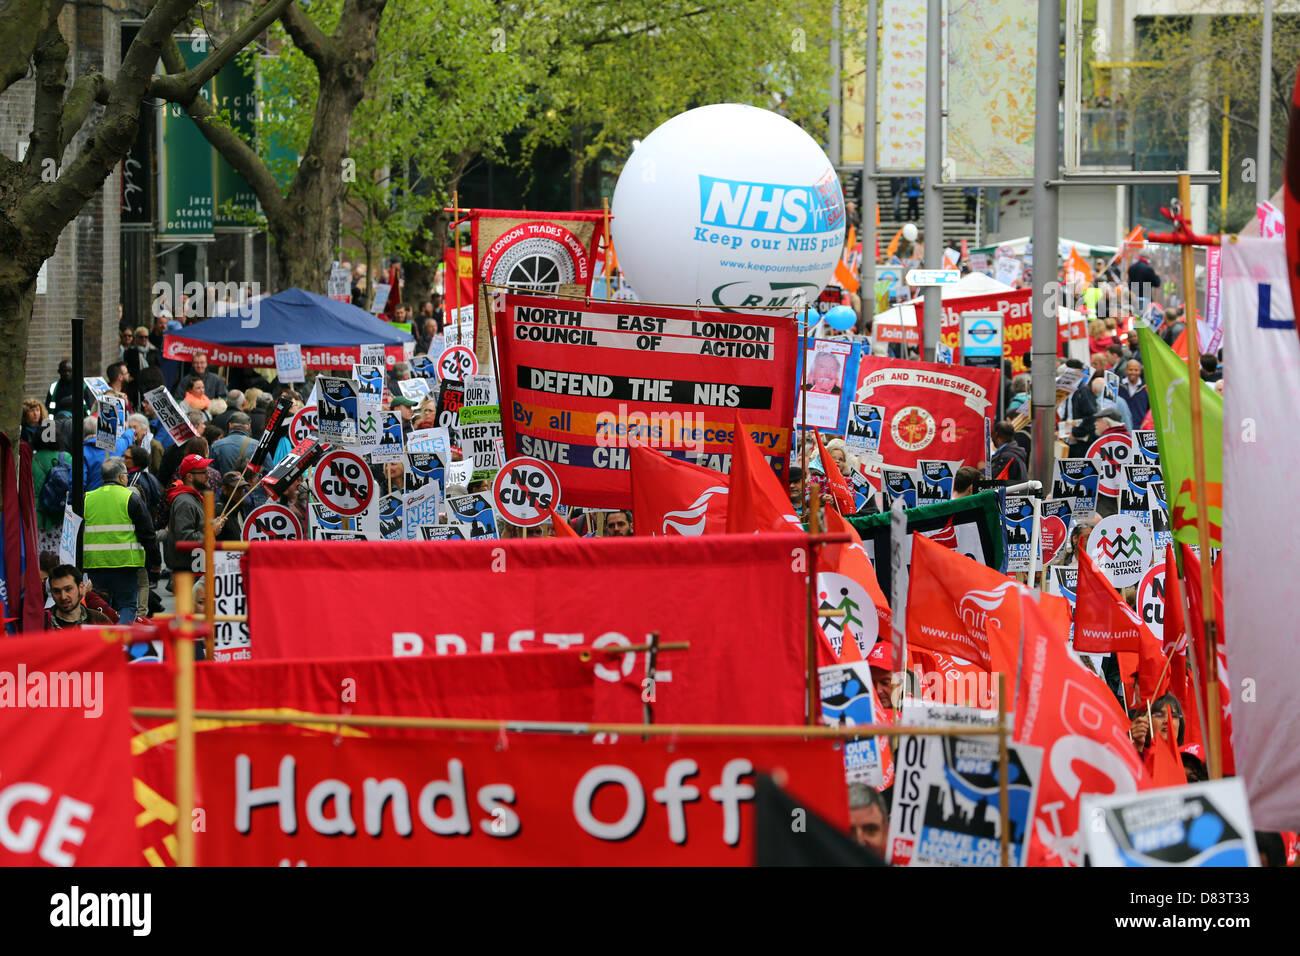 London, UK. 18. Mai 2013. Kredit-Demonstranten Unterstützung des National Health Service gegen Kürzungen Stockbild